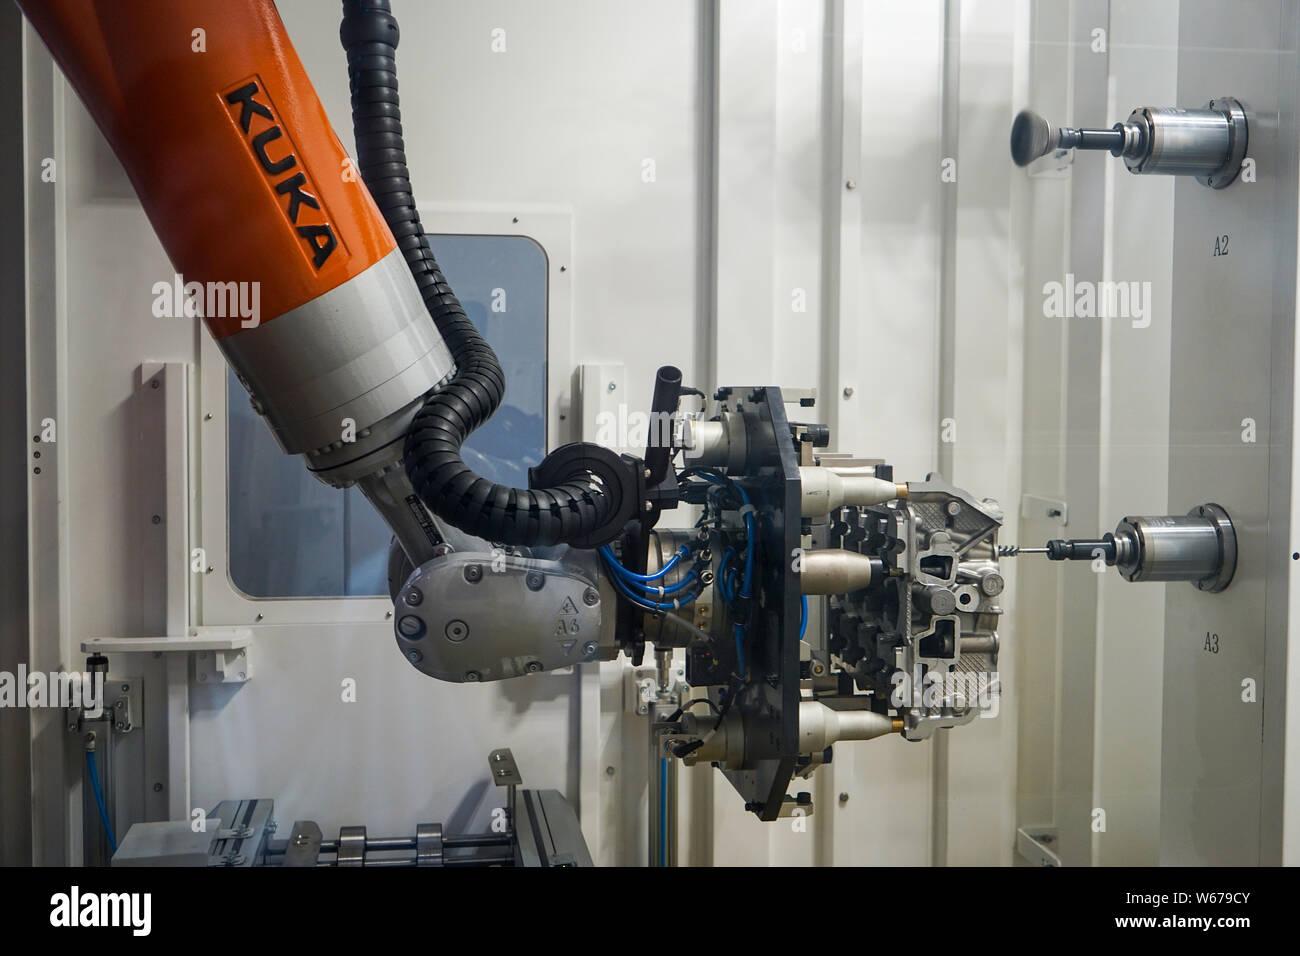 Kuka Robot Stock Photos & Kuka Robot Stock Images - Alamy